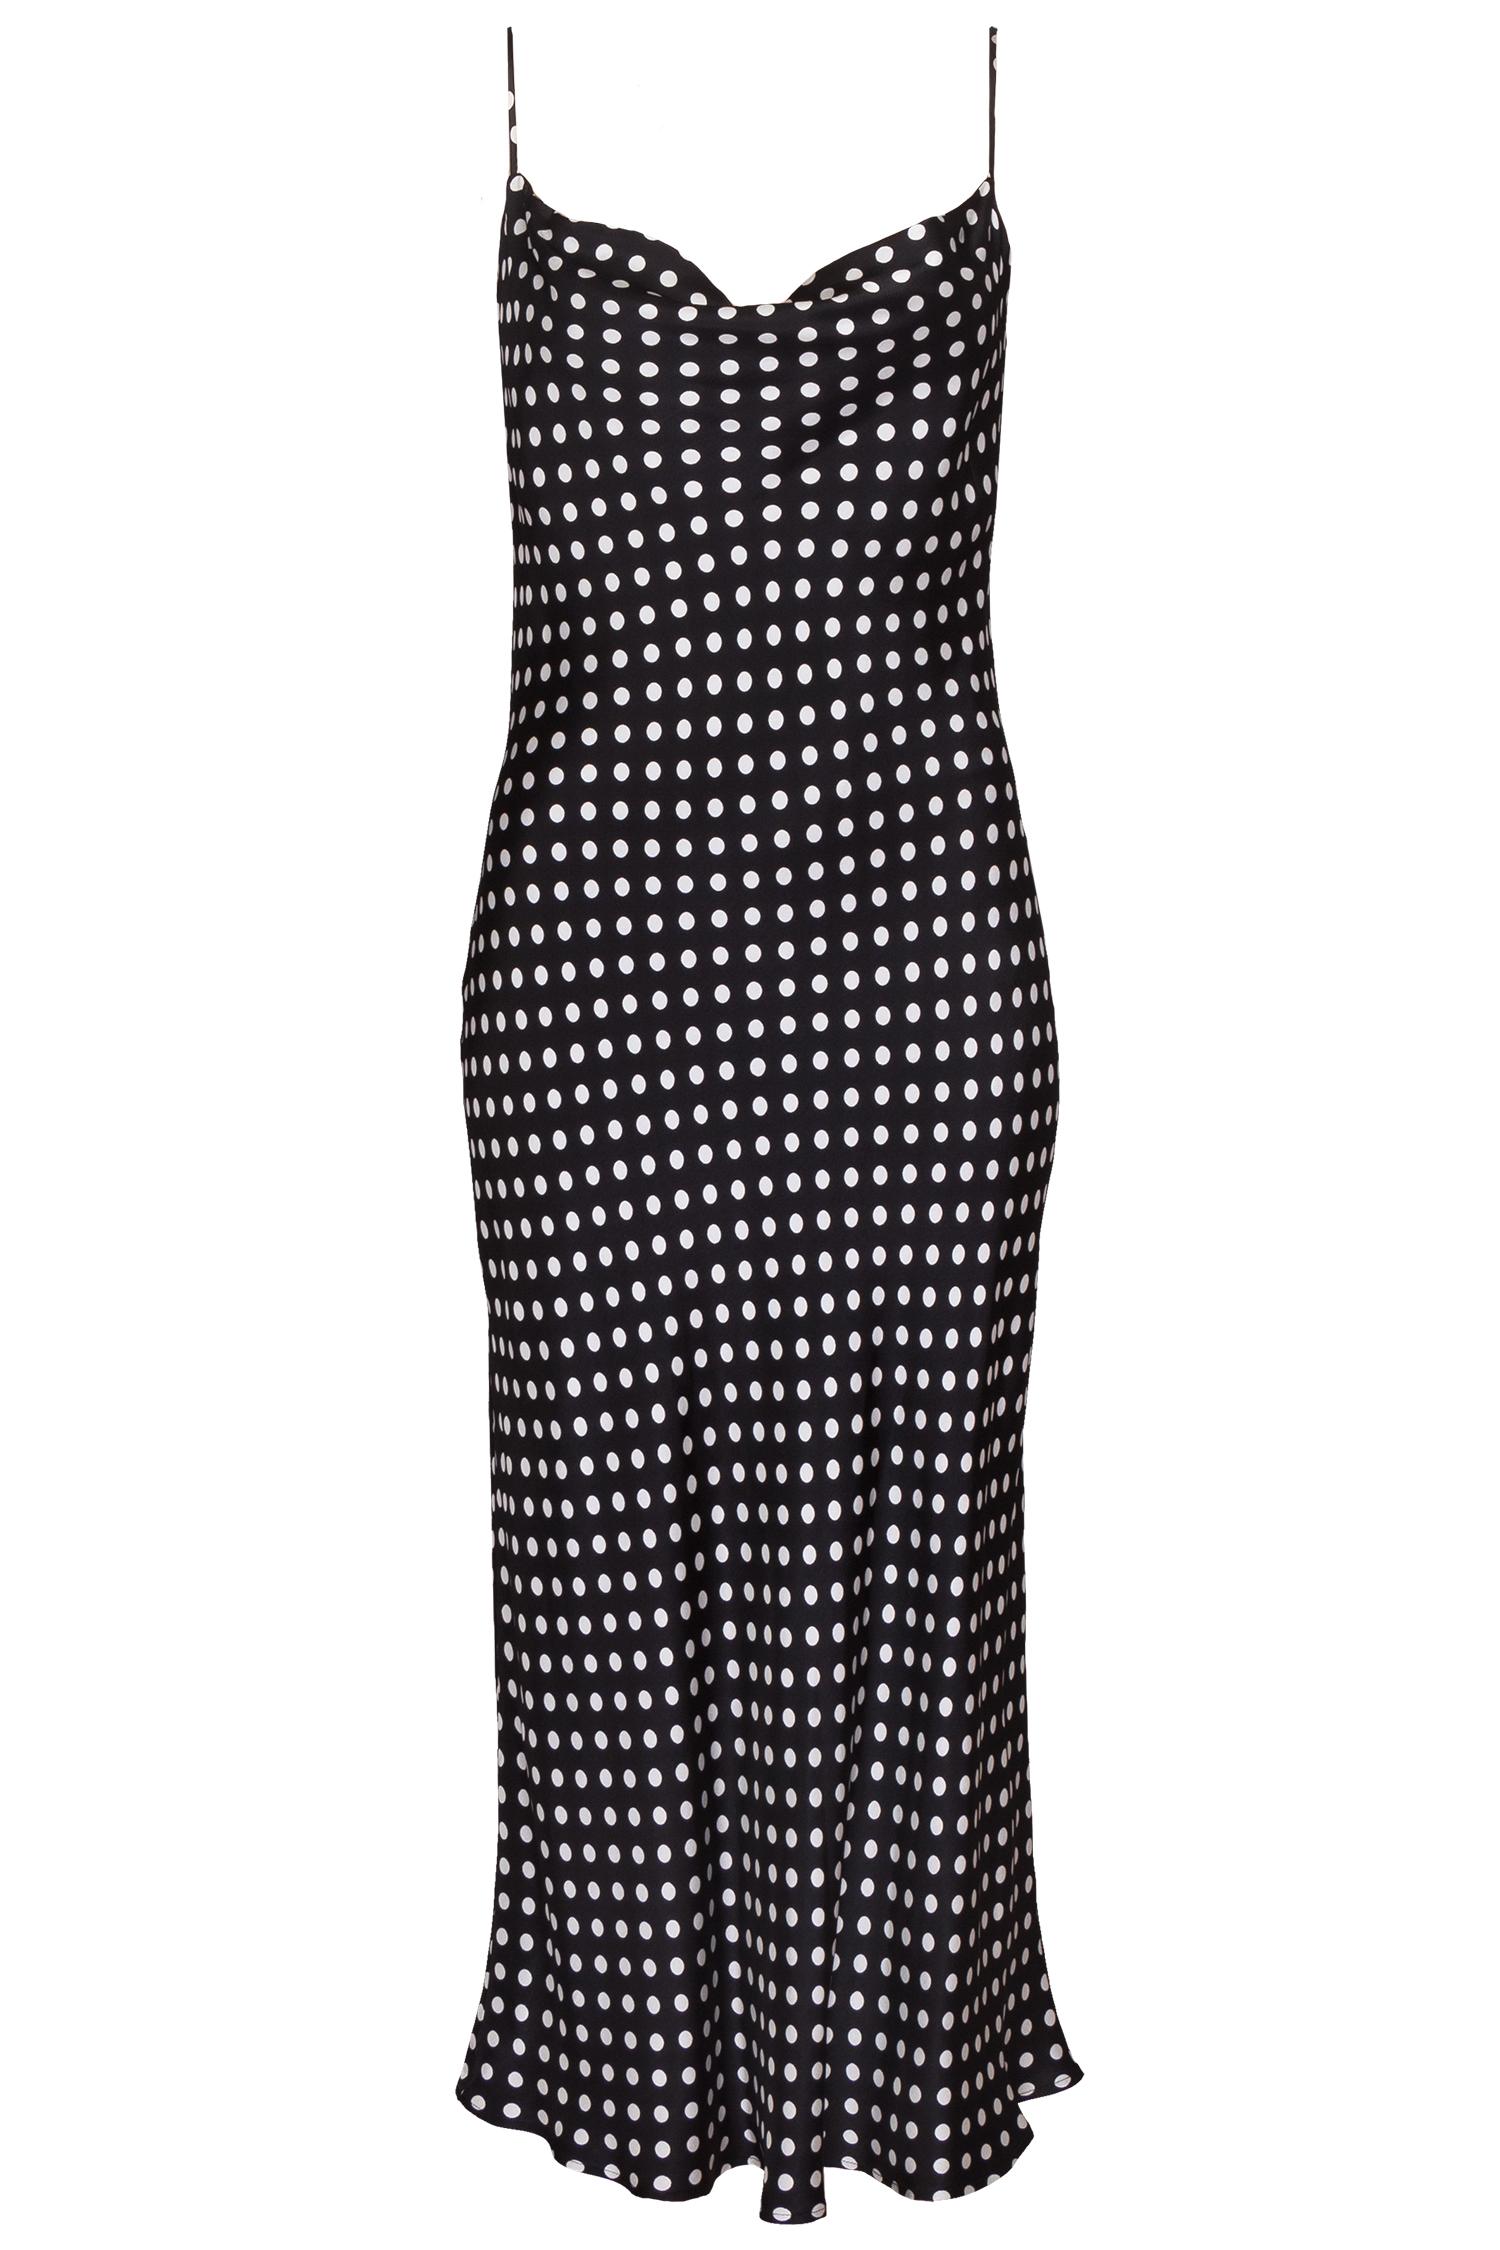 9e60f56573f4 Zara Платье в горошек ...